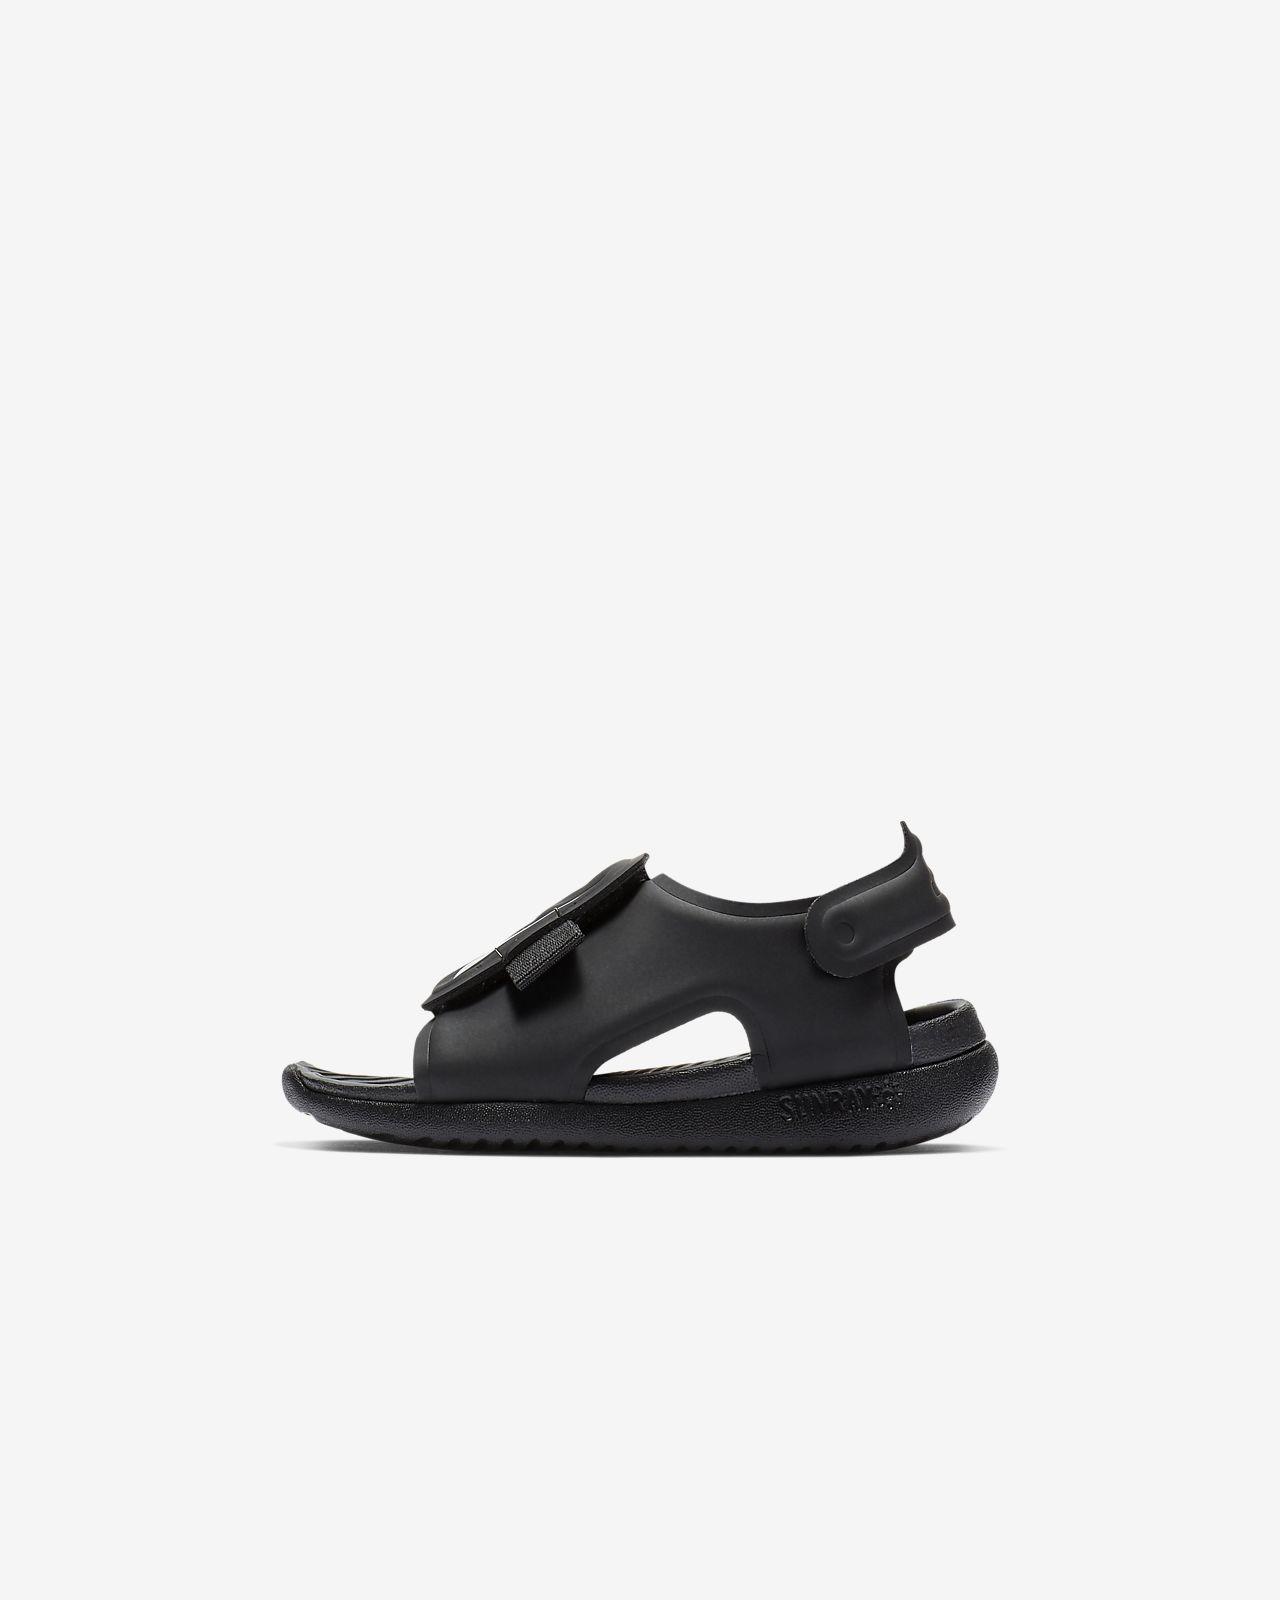 5 Bébépetit Fr Nike Sandale Enfant Pour Sunray Adjust 7wx6aWpqFS